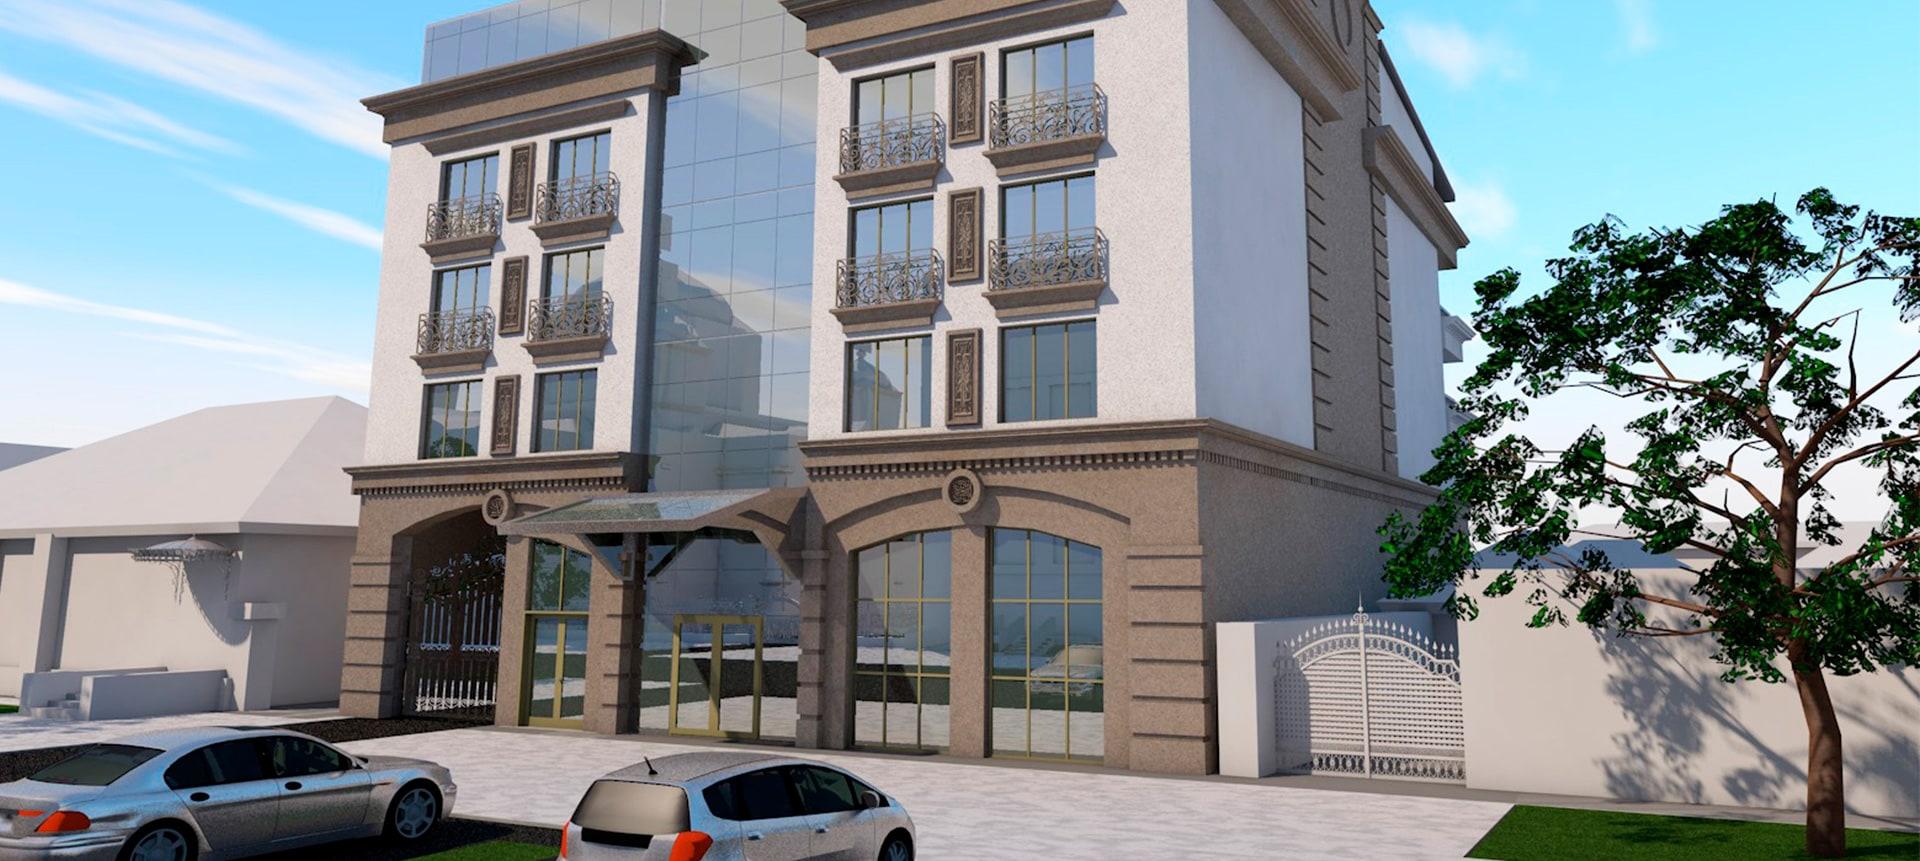 Відеозвіт за квітень про будівництво житлового комплексу L7 в Миколаєві